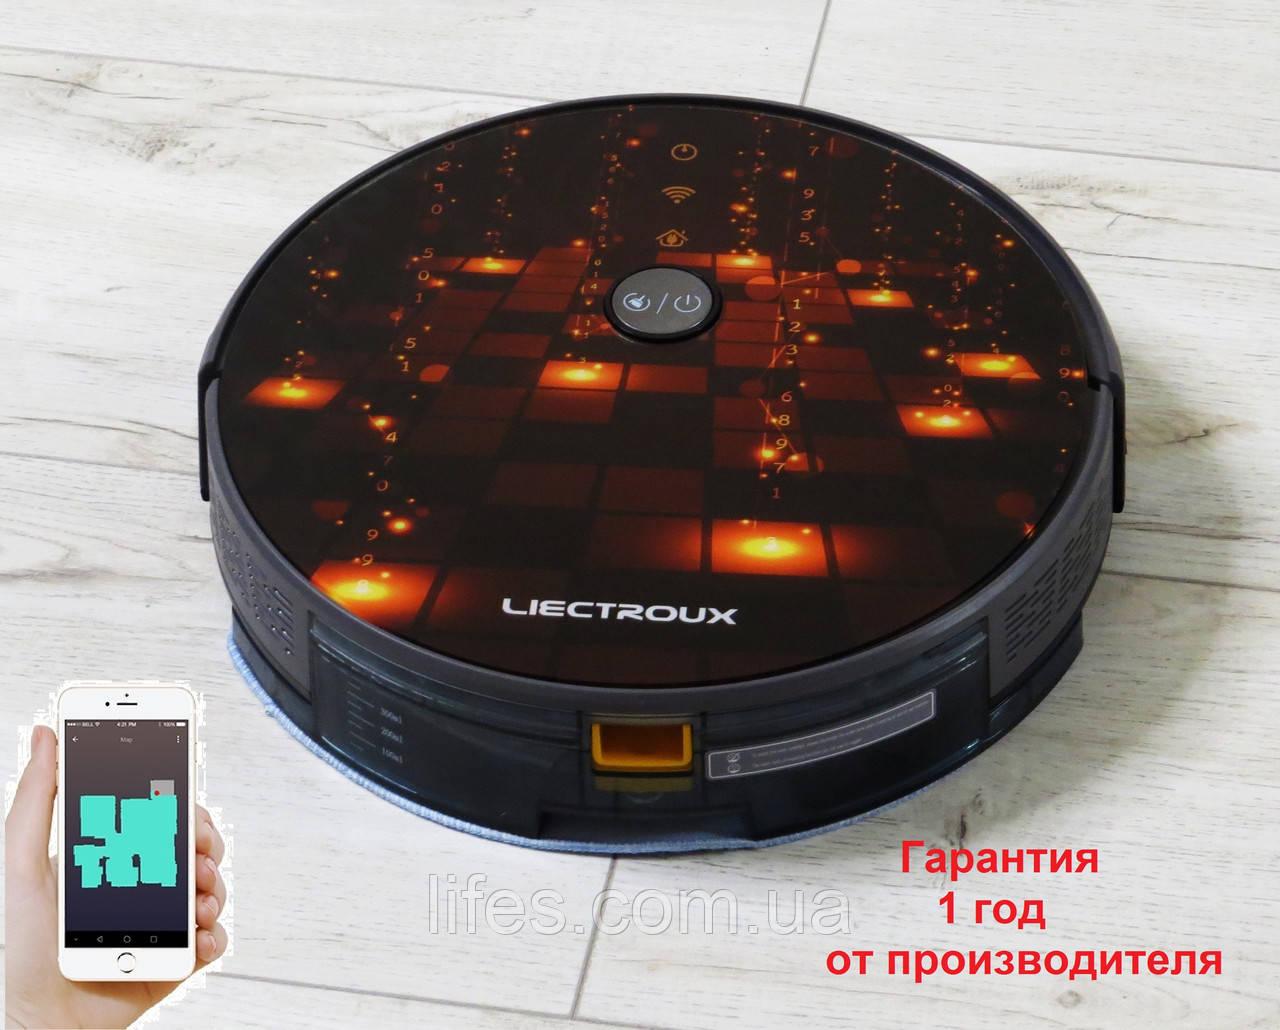 Робот - пылесос LIECTROUX C30B. Золотая матрица.  WI-FI. Немецкий бренд. Европейская версия. Модель 2020 года.